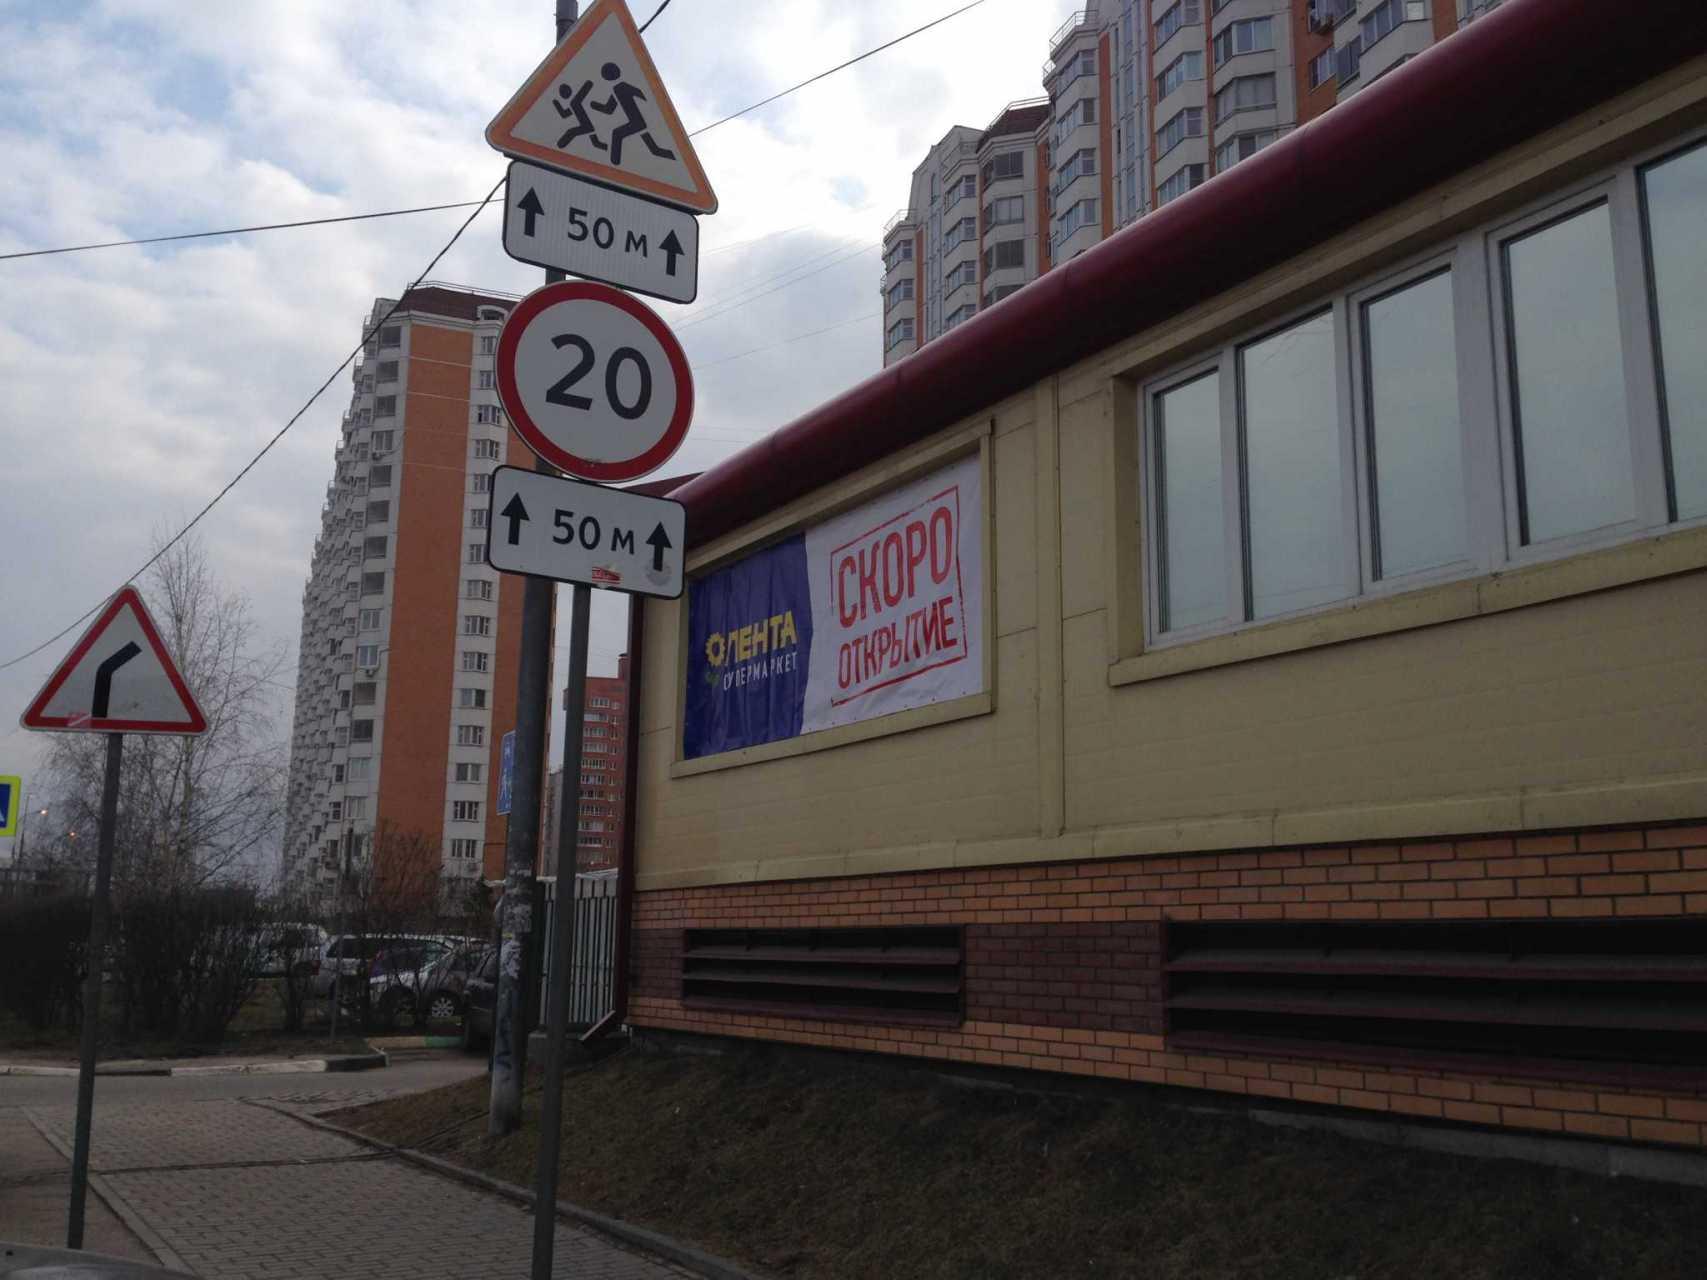 Супермаркет Лента на улице Говорова откроется уже в 2016 году.